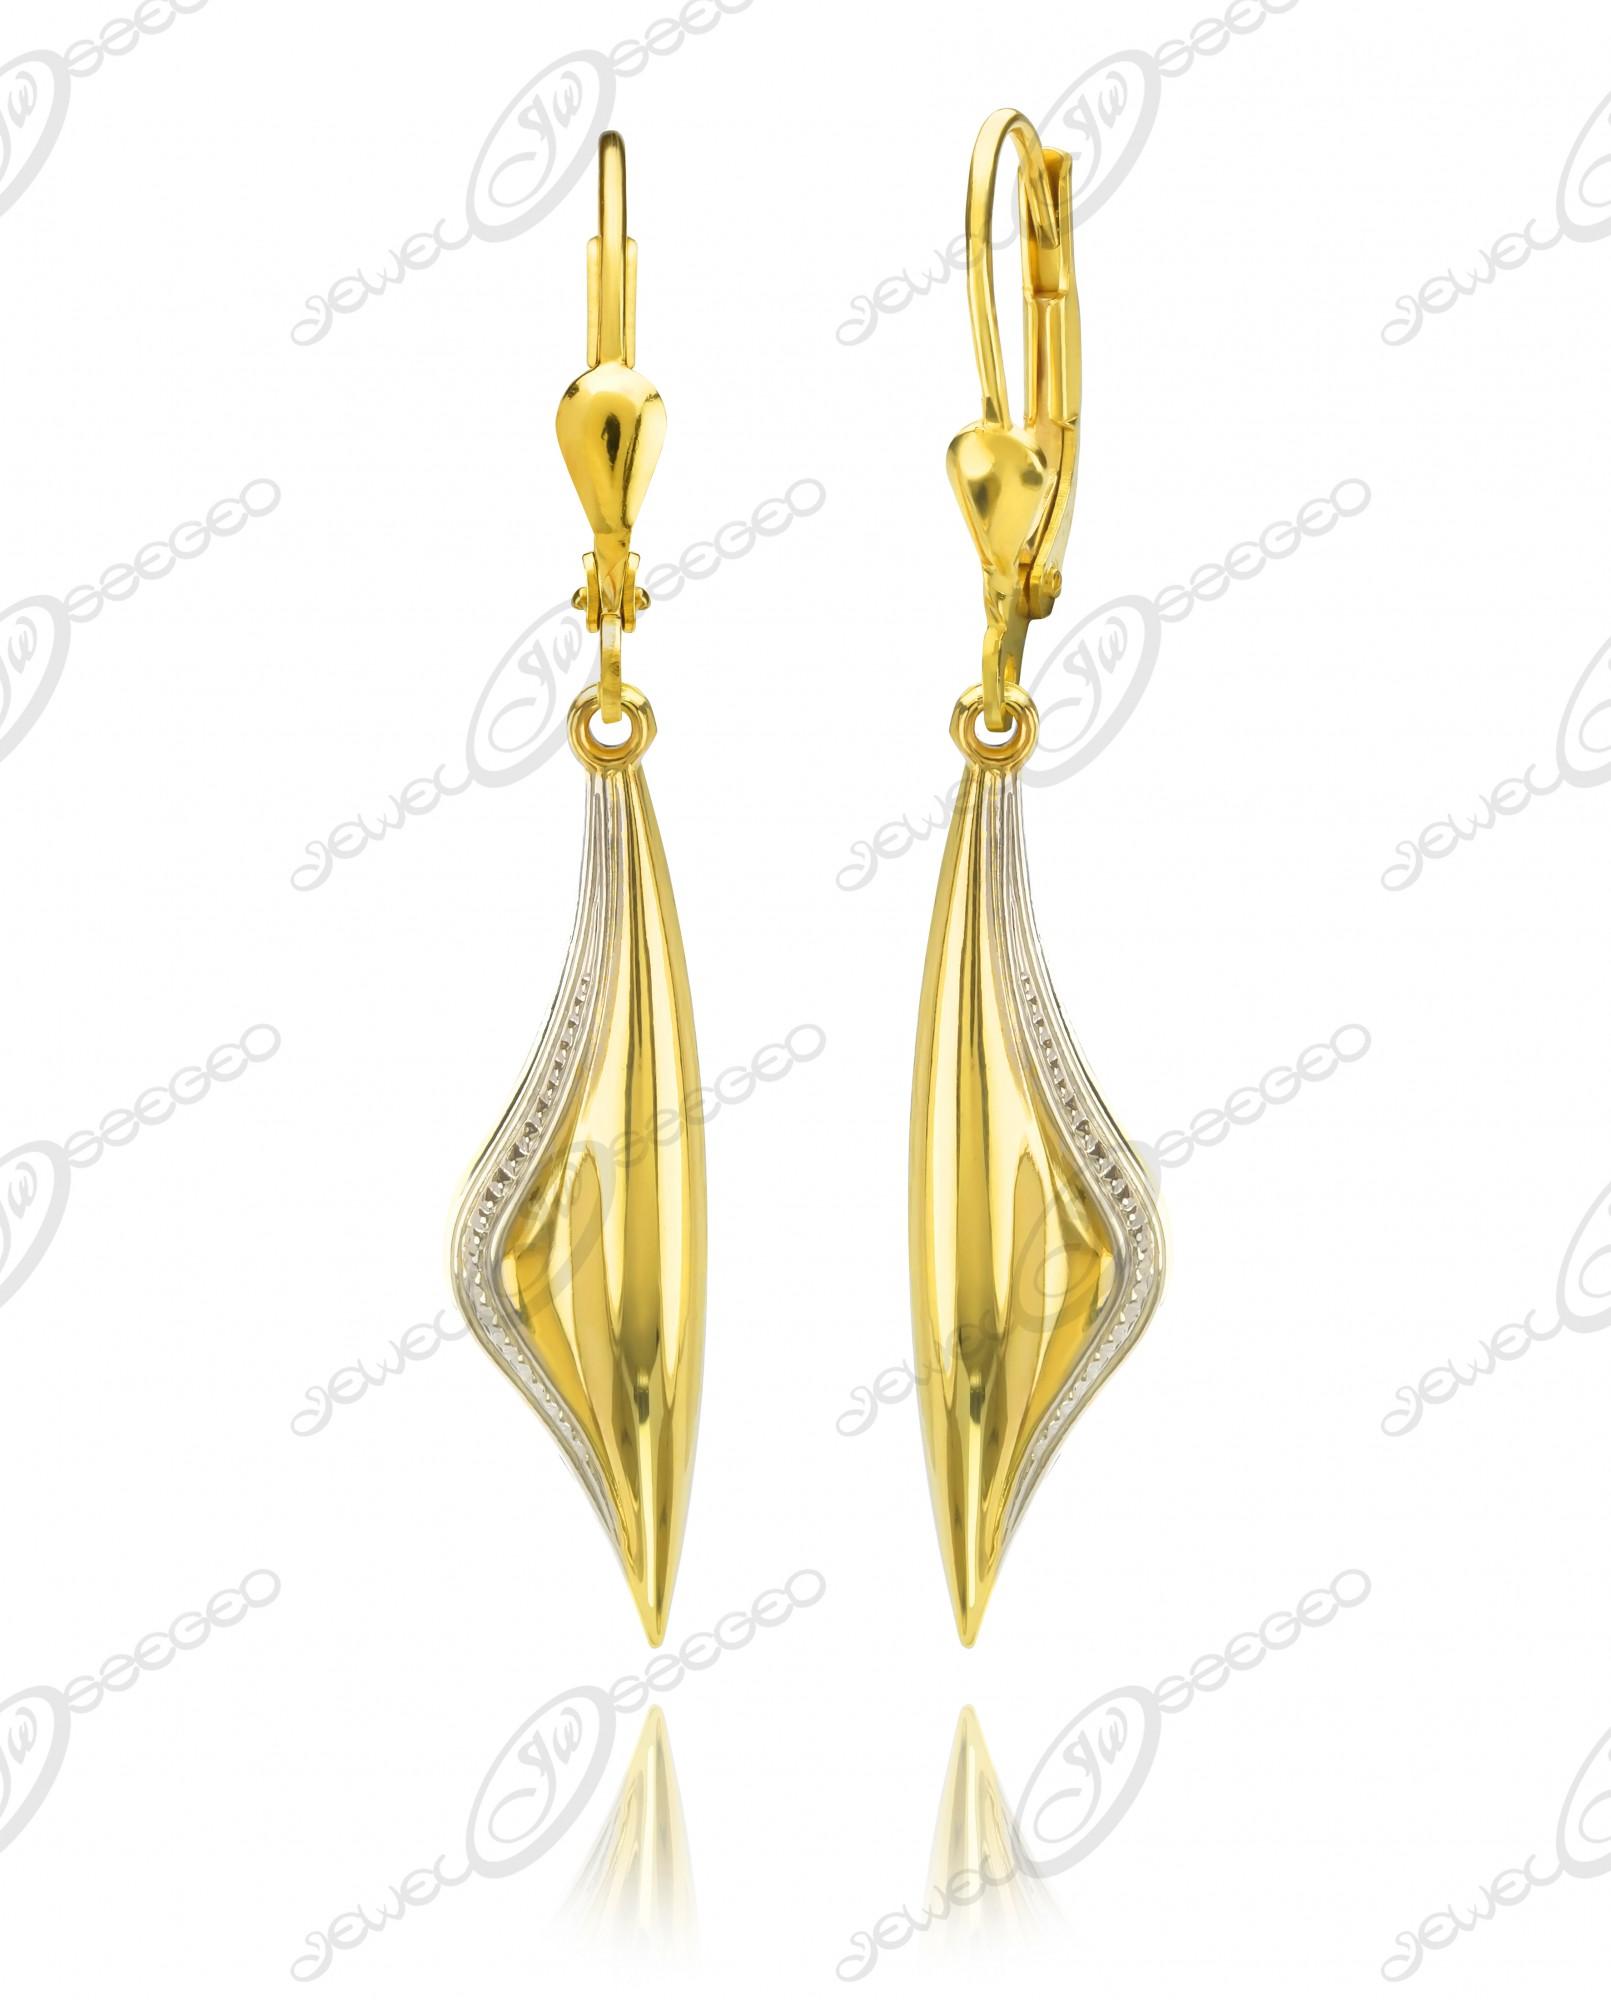 b7b1f5ccda Elegáns női arany fülbevaló - arany ékszer :: Jewel Ékszerkészítő  Manufaktúra